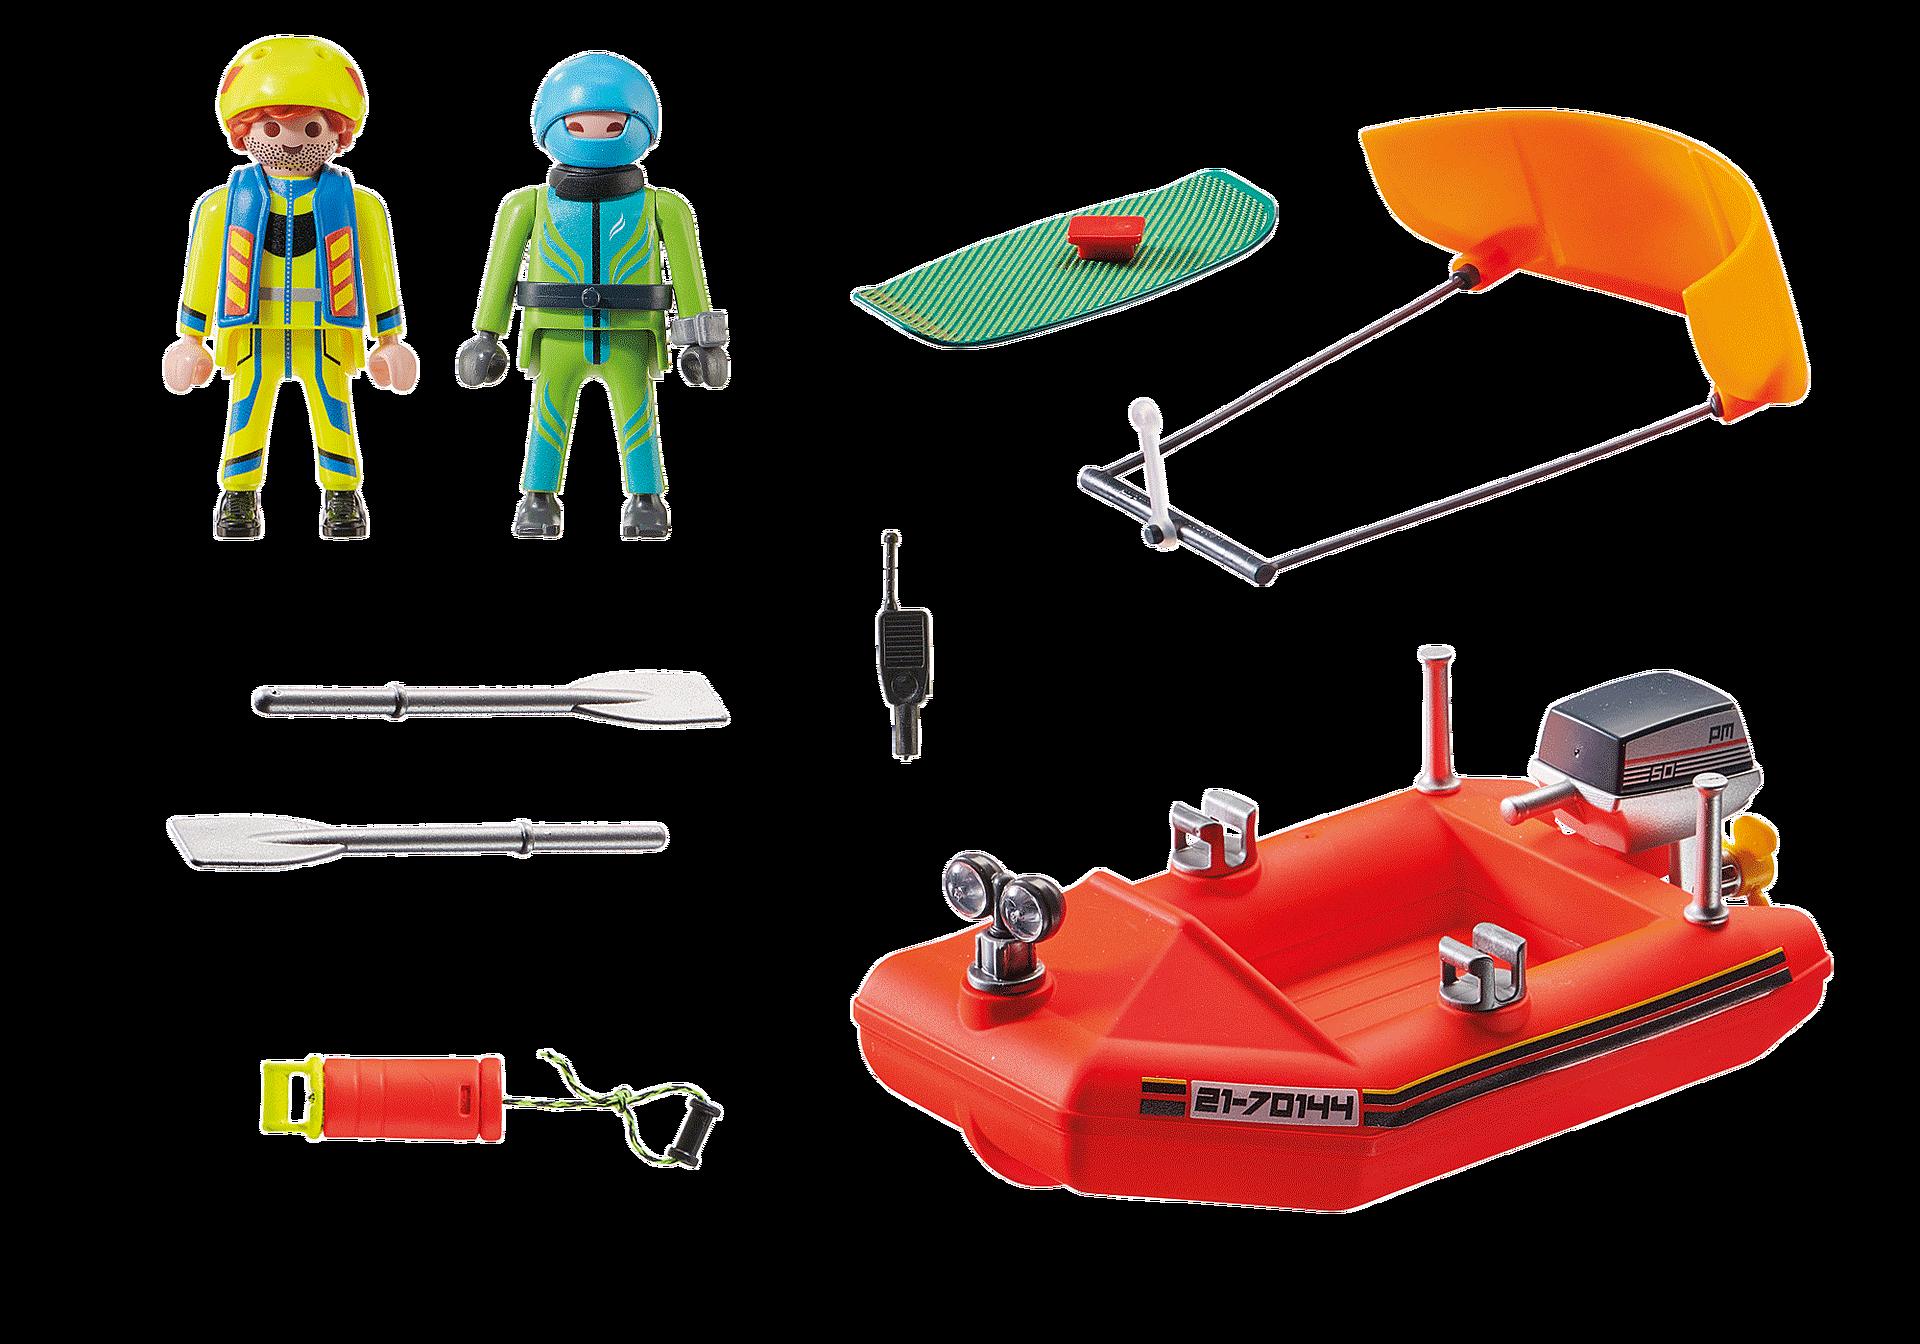 70144 Skibsredning: Kitesurferredning med båd zoom image3